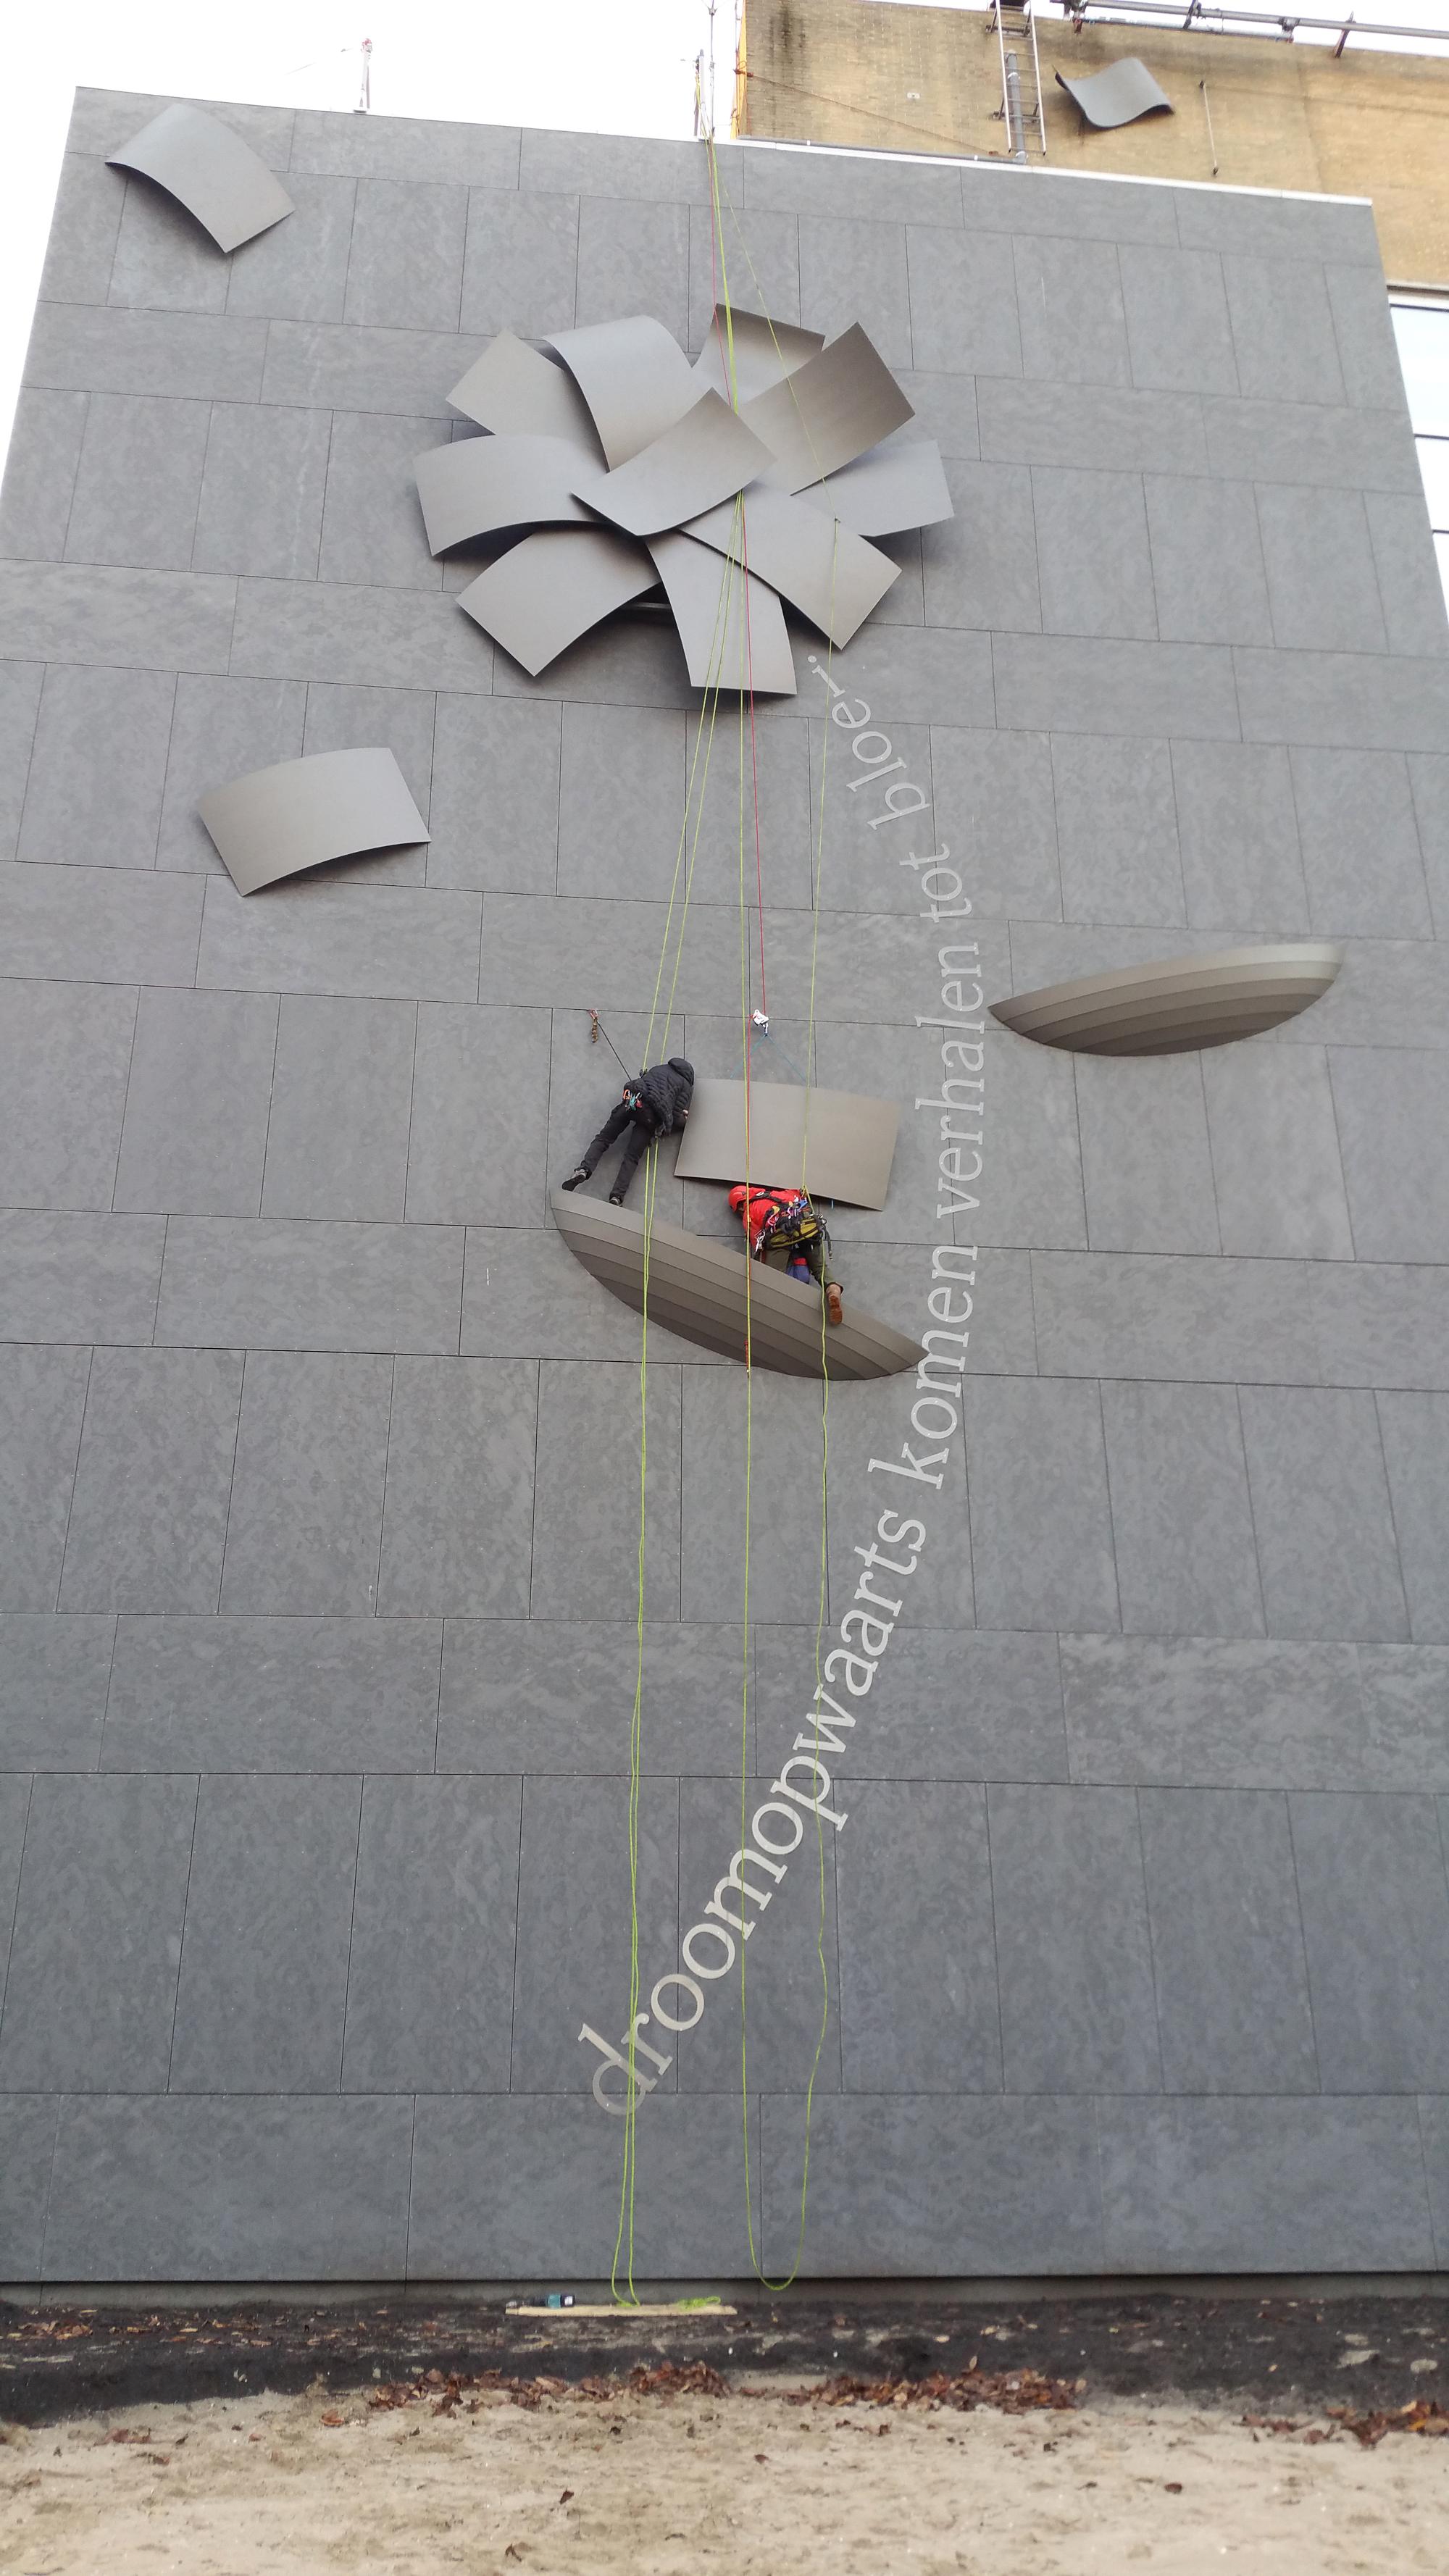 Wachtgevel kunstwerk Westfriesgasthuis